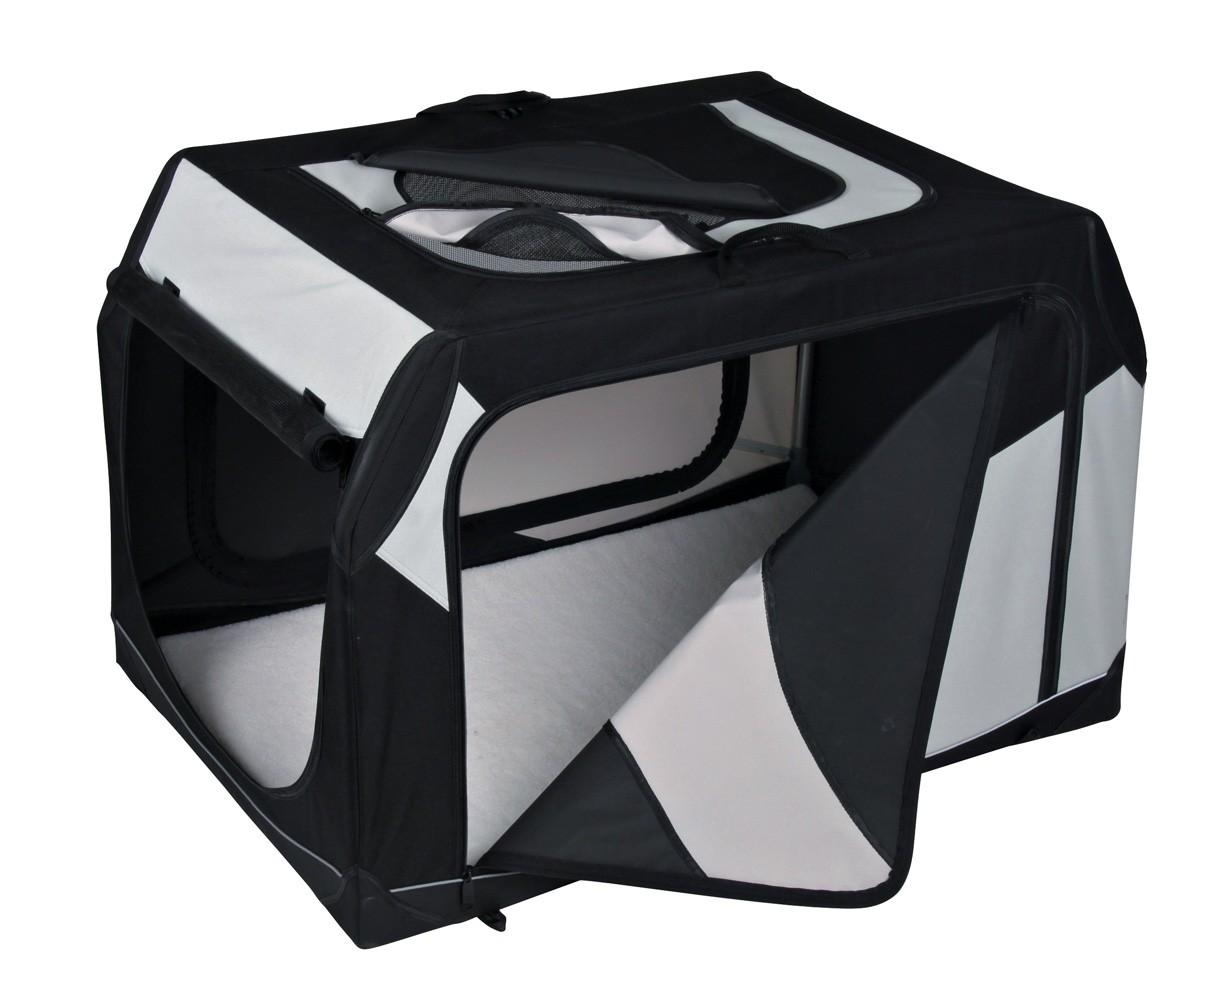 Vario Transportbox Gr. M TRIXIE schwarz/grau 76x48x51cm Bild 1